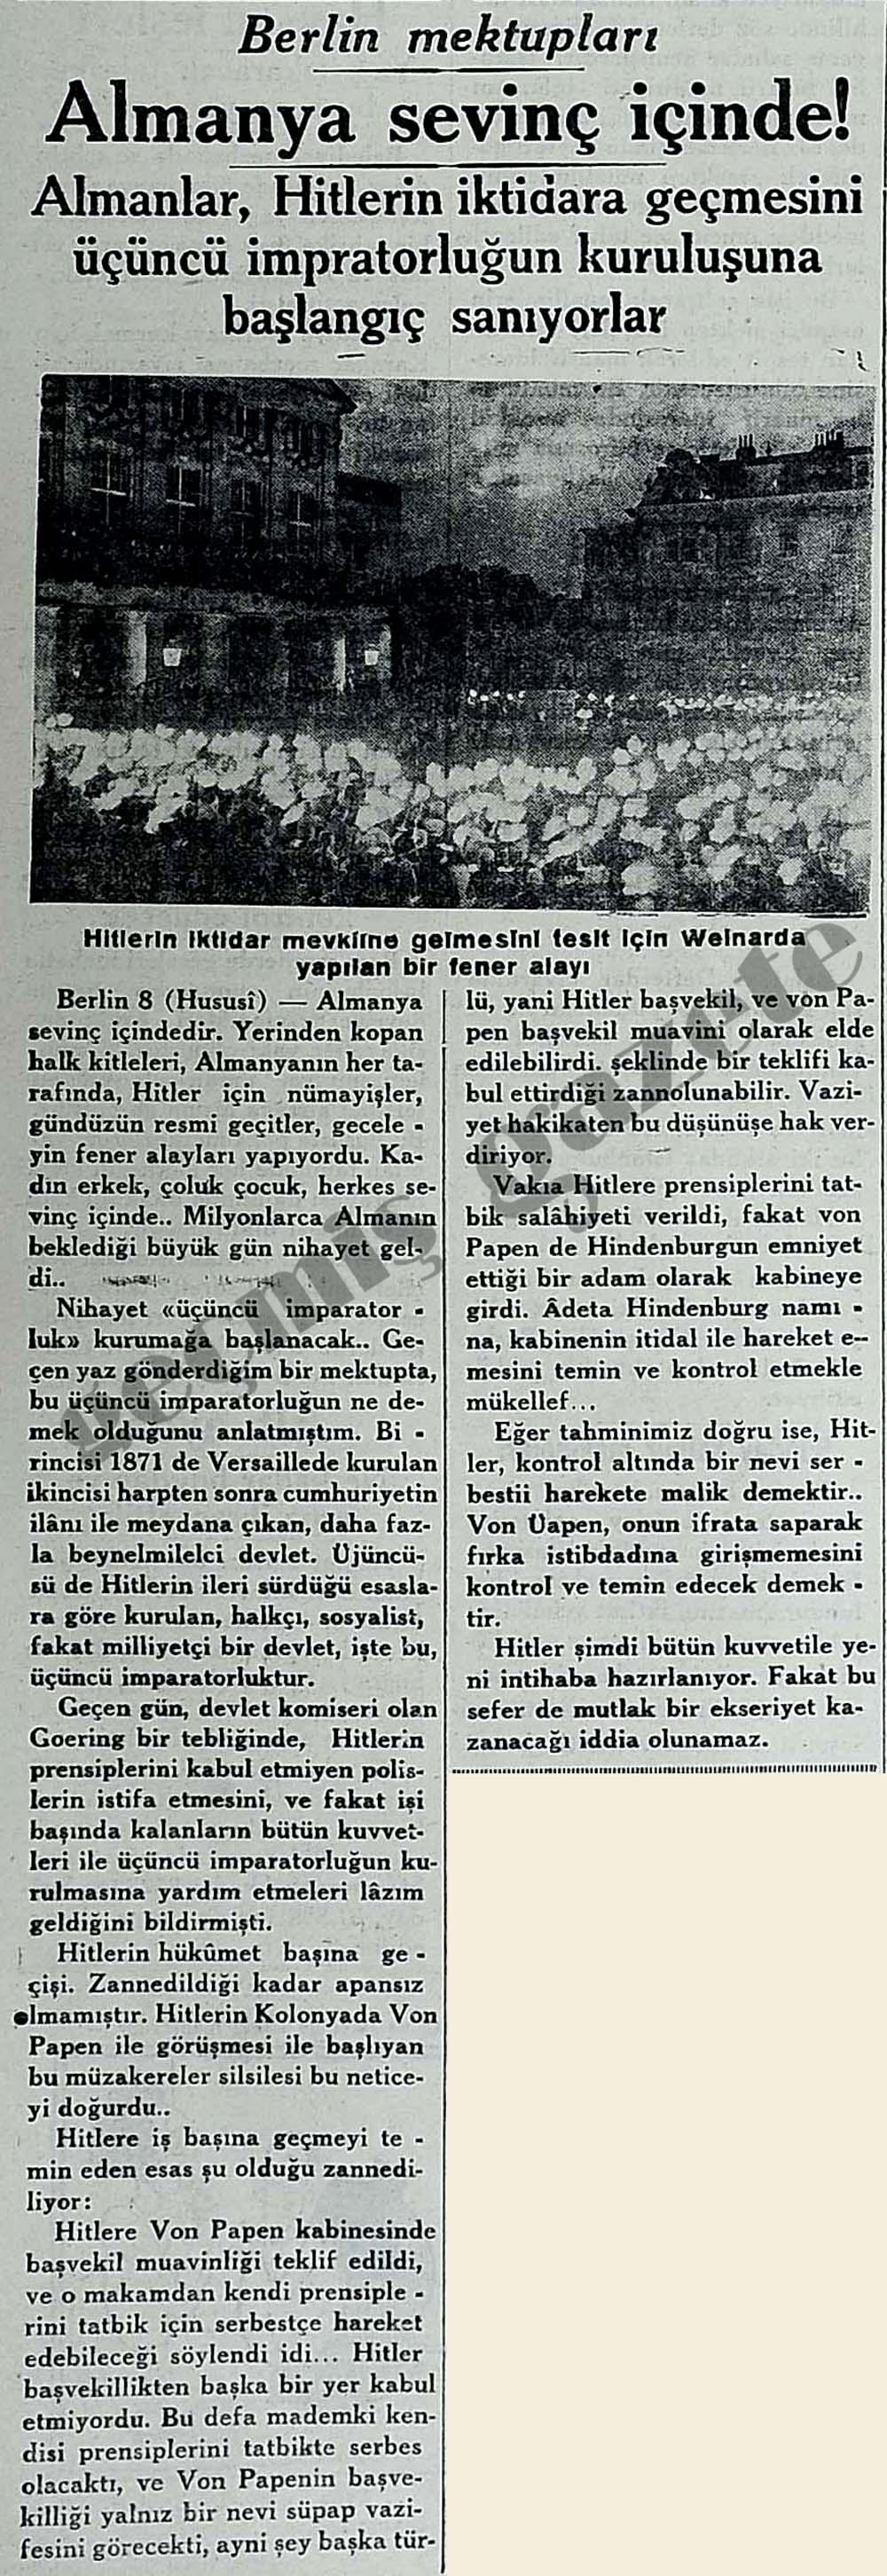 Almanlar, Hitlerin iktidara geçmesini üçüncü impratorluğun kuruluşuna başlangıç sanıyorlar